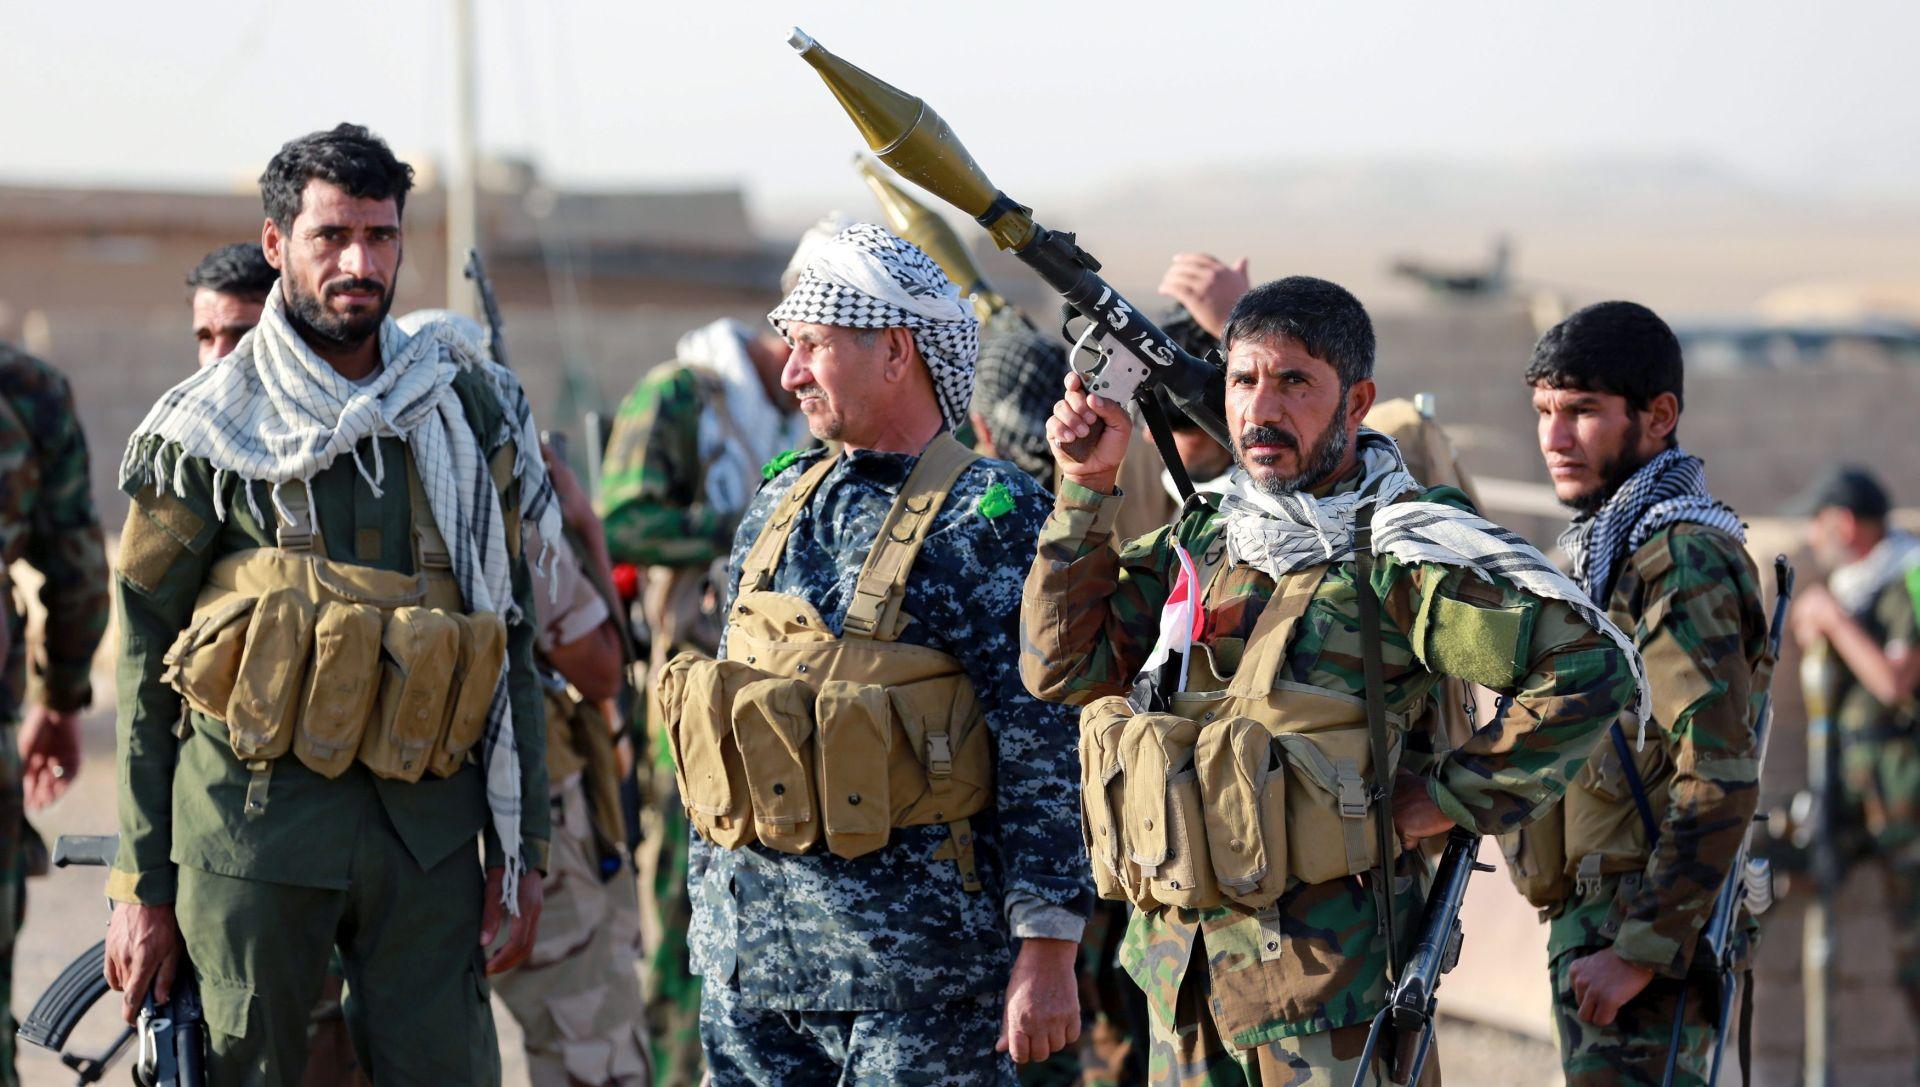 BITKA ZA MOSUL: Vođa IS-a Bagdadi poručuje da nema povlačenja u totalnom ratu protiv nevjernika